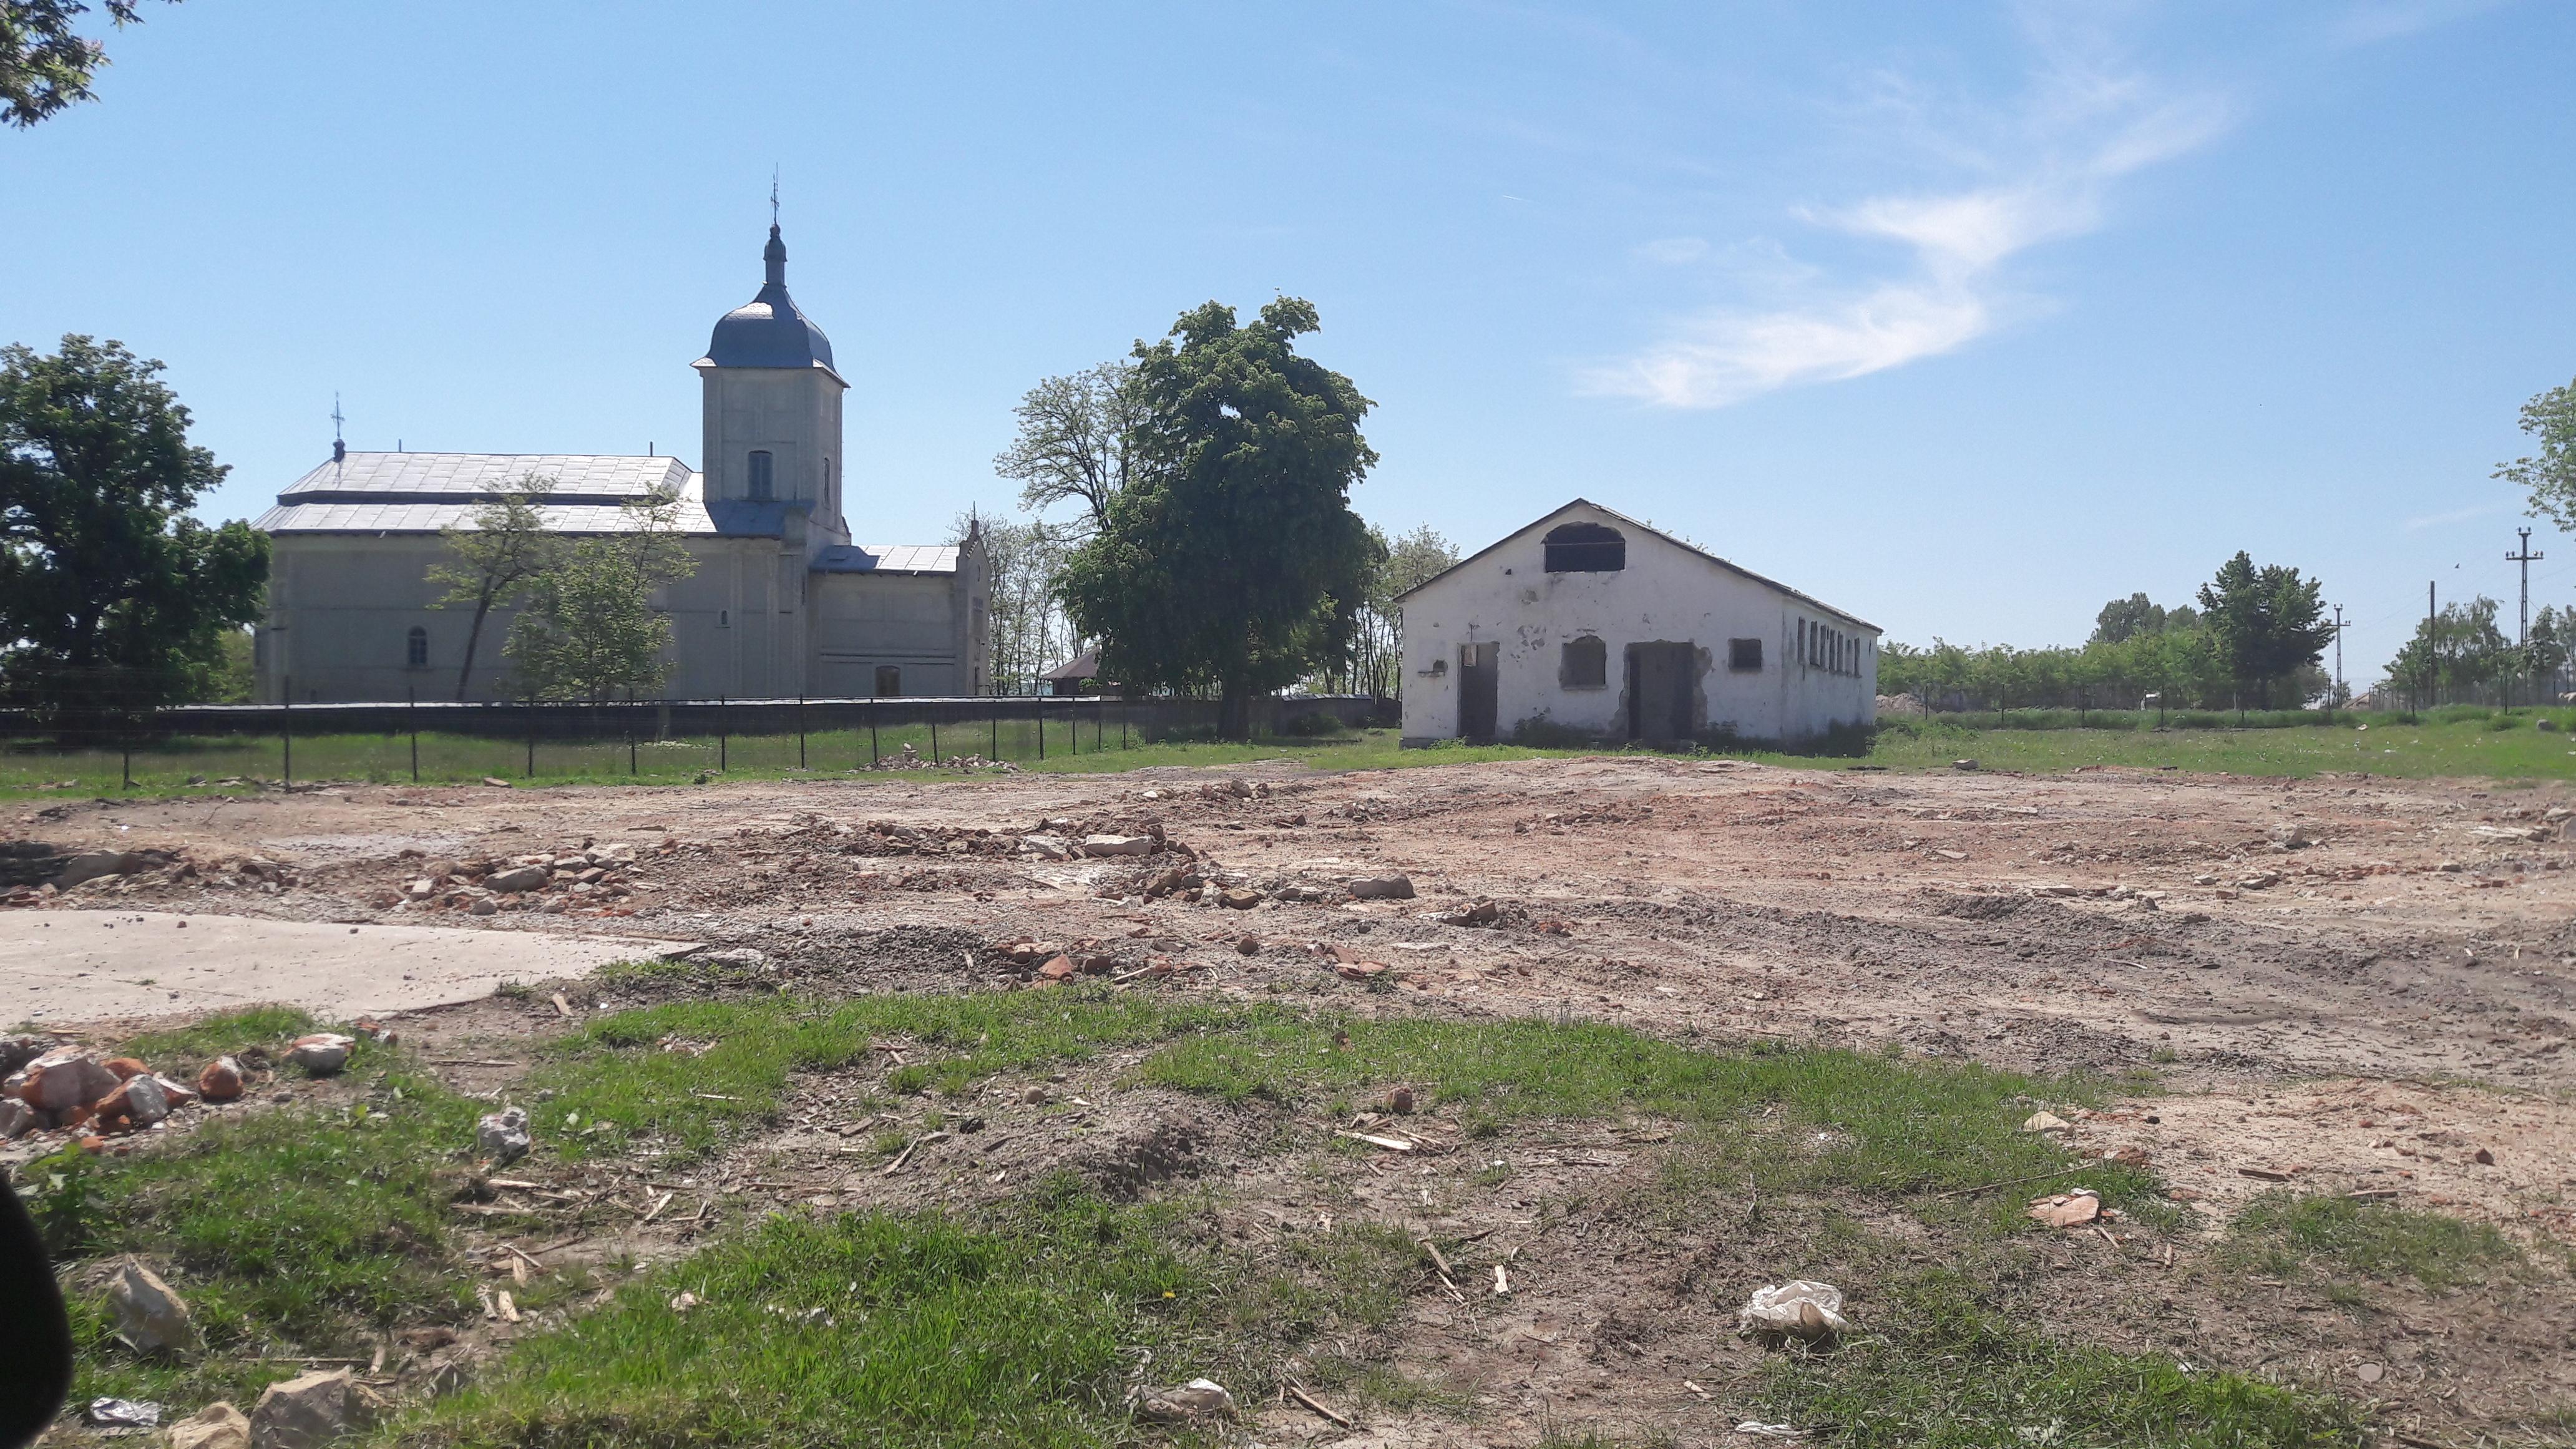 """Neamț: Un conac boieresc, aflat în zona de protecție a unui monument istoric, pus la pământ de Primăria Trifești. Șefa Direcției pentru Cultură: """"S-au chinuit mult să îl demoleze"""" 3"""